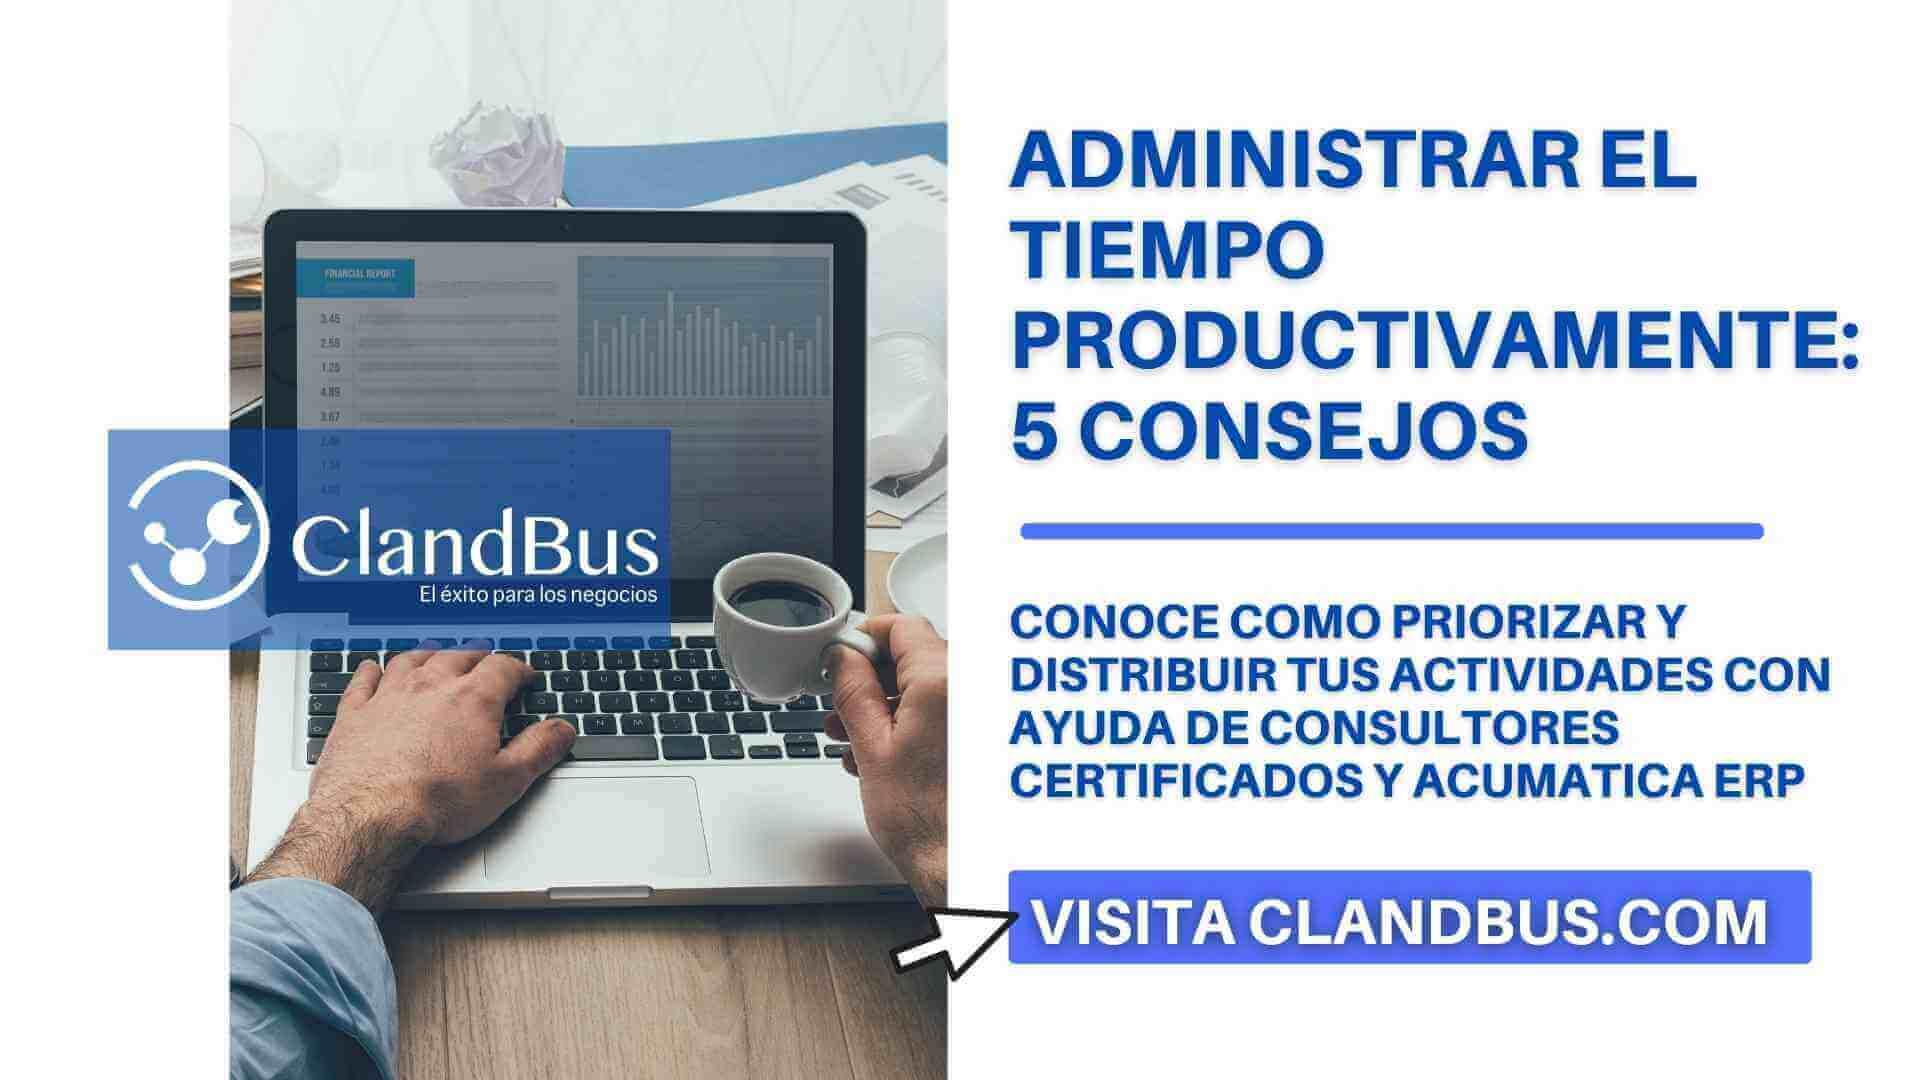 administrar el tiempo- Mejora tu productividad utilizando las mejores prácticas de ClandBus y realizando actividades en la Nube en Acumatica ERP